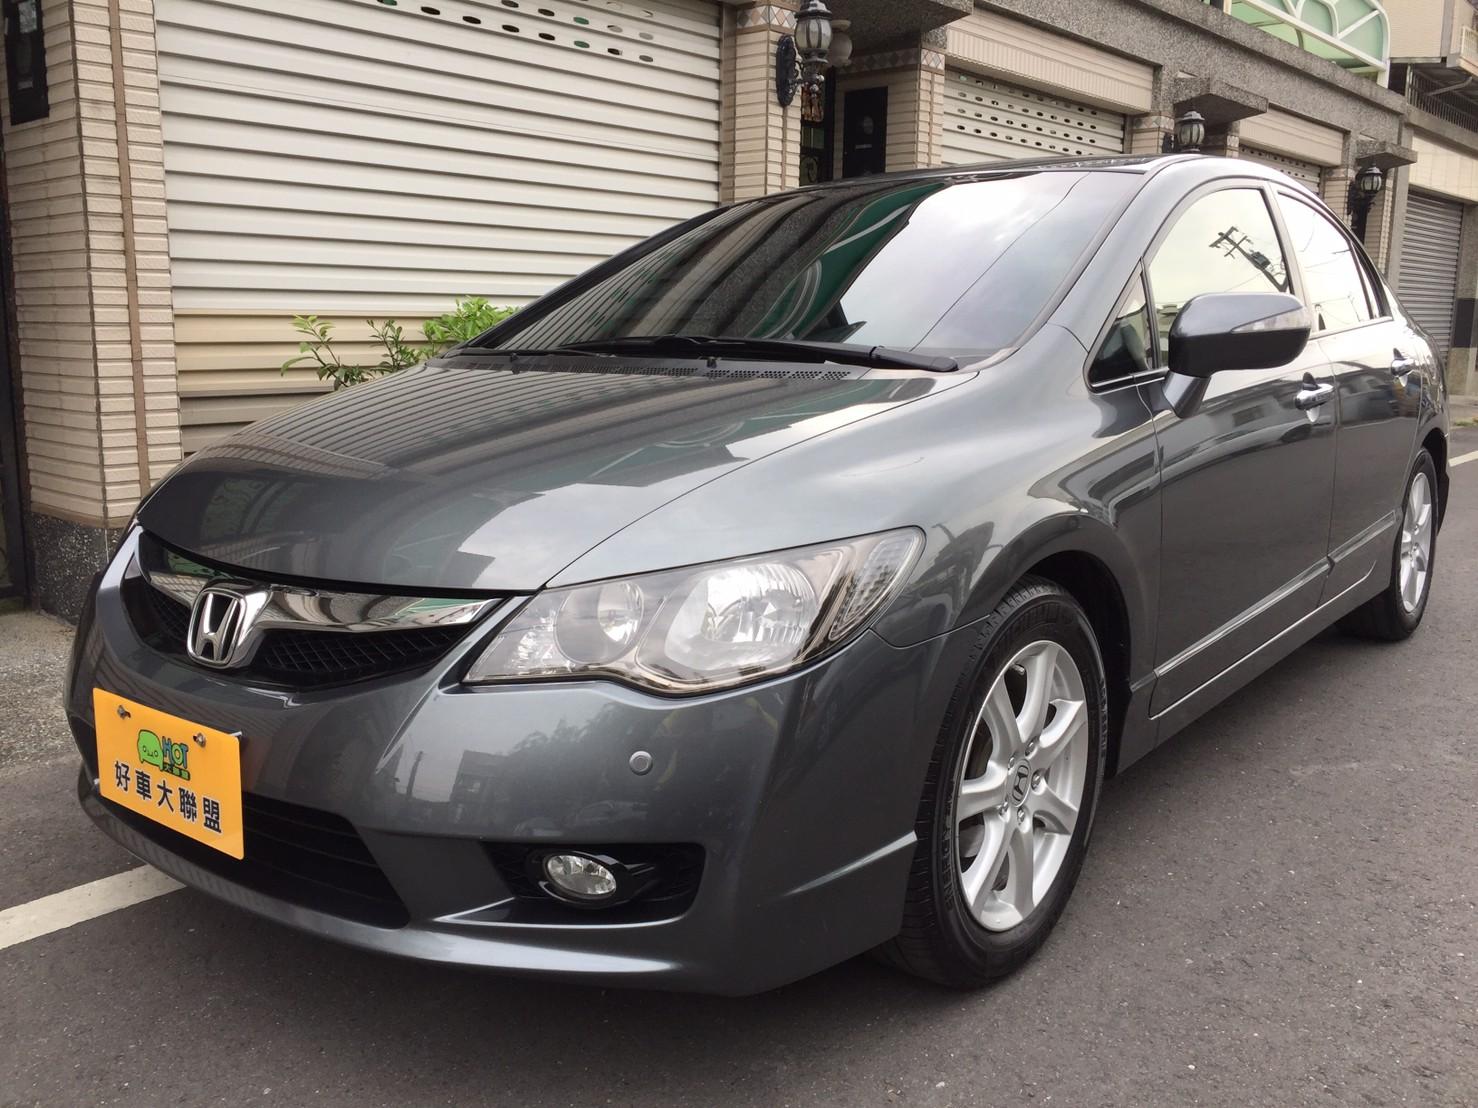 2011 Honda 本田 Civic